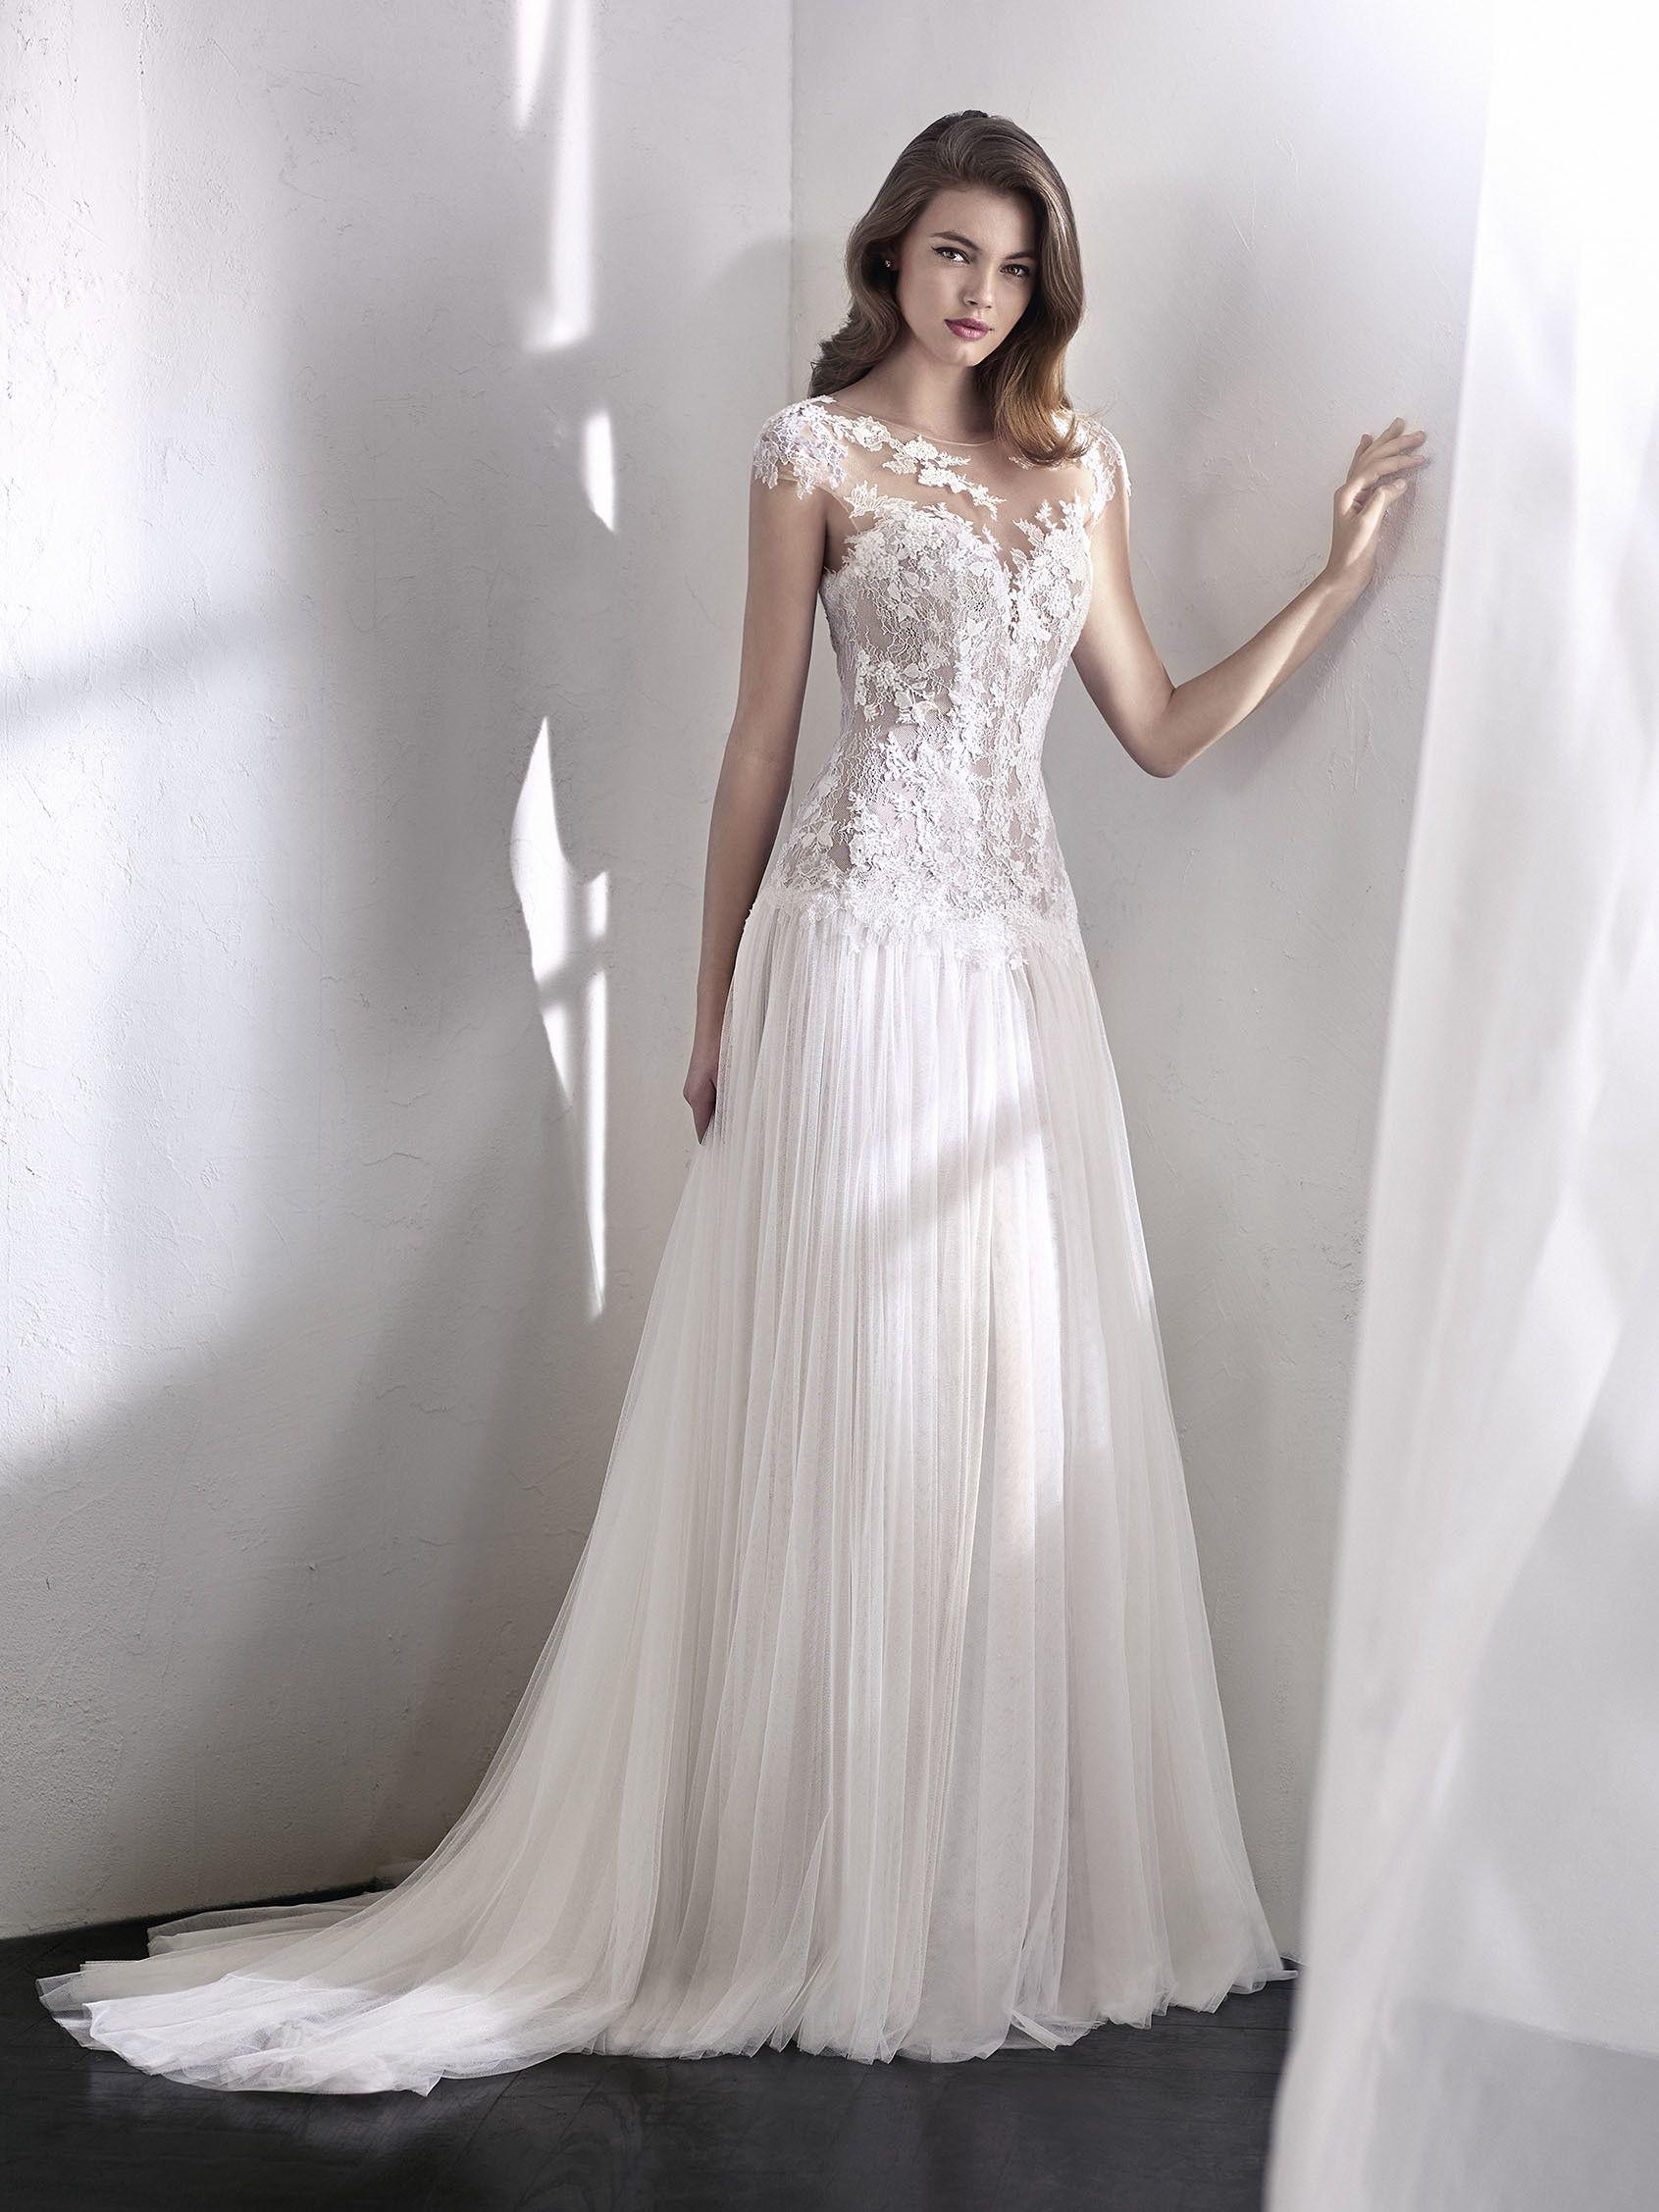 422830ba33f0 Splendido abito da sposa svasato che unisce alla gonna in tulle morbido